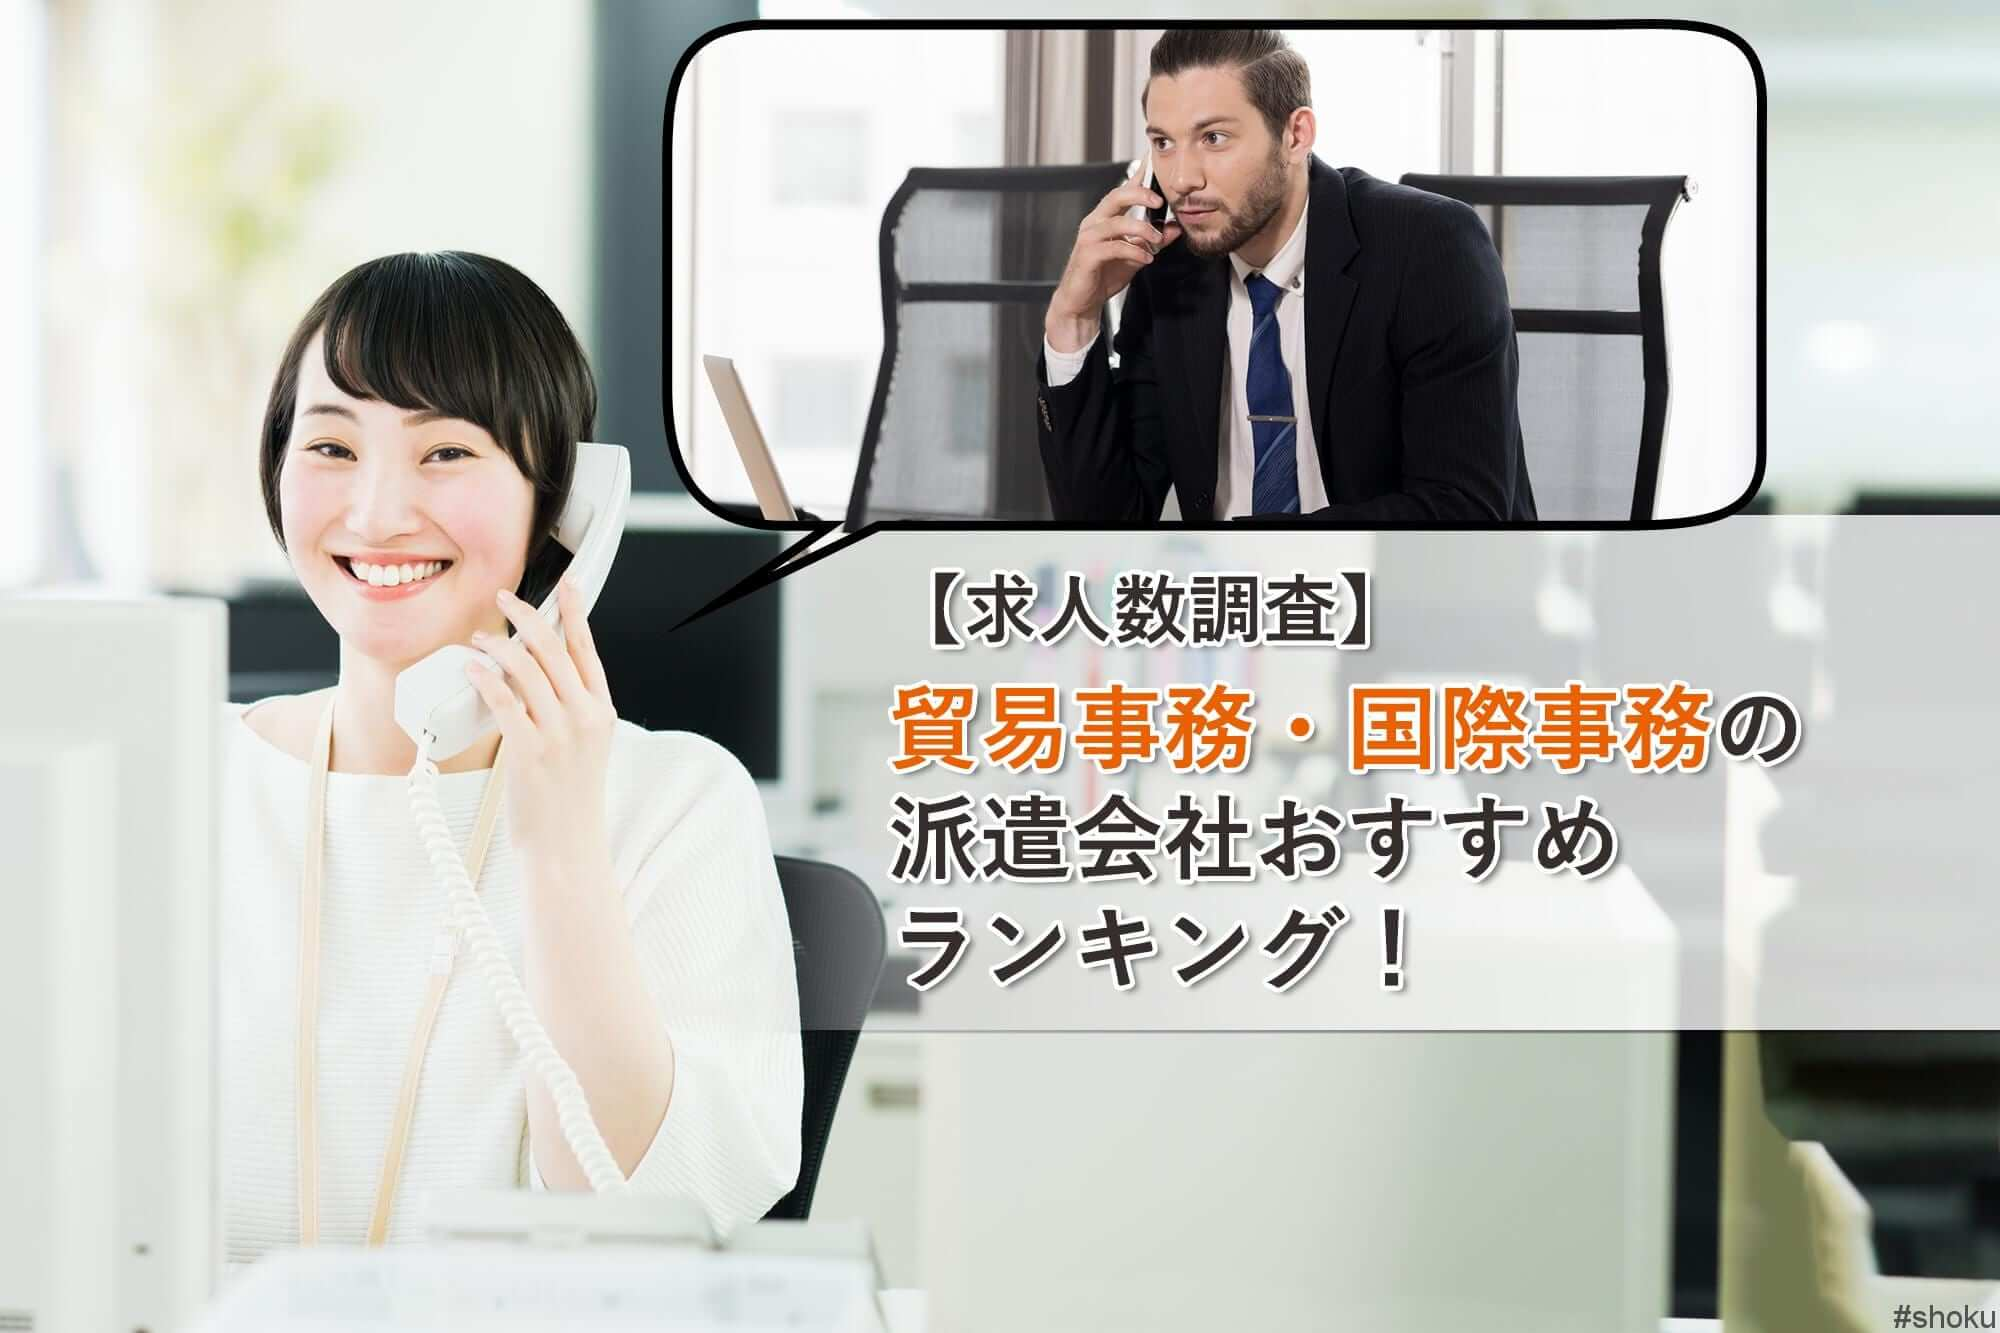 【求人数調査】貿易事務・国際事務の派遣会社おすすめランキング!